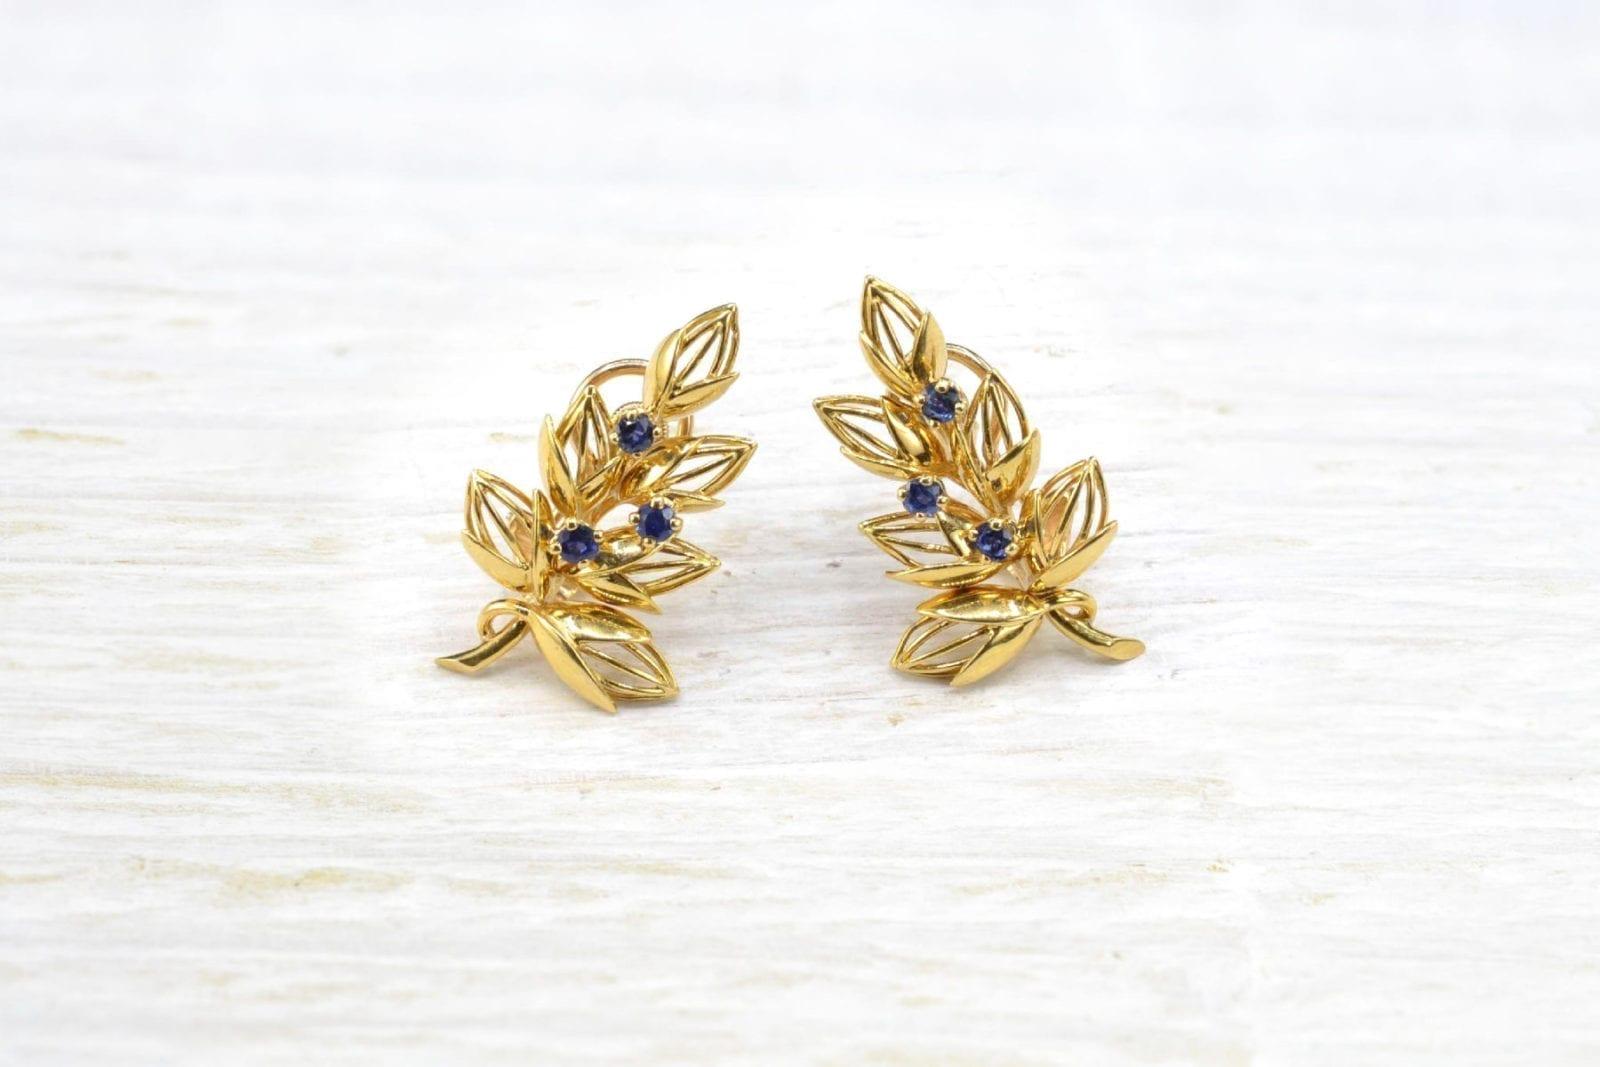 Boucles d'oreilles saphirs en or jaune 18k